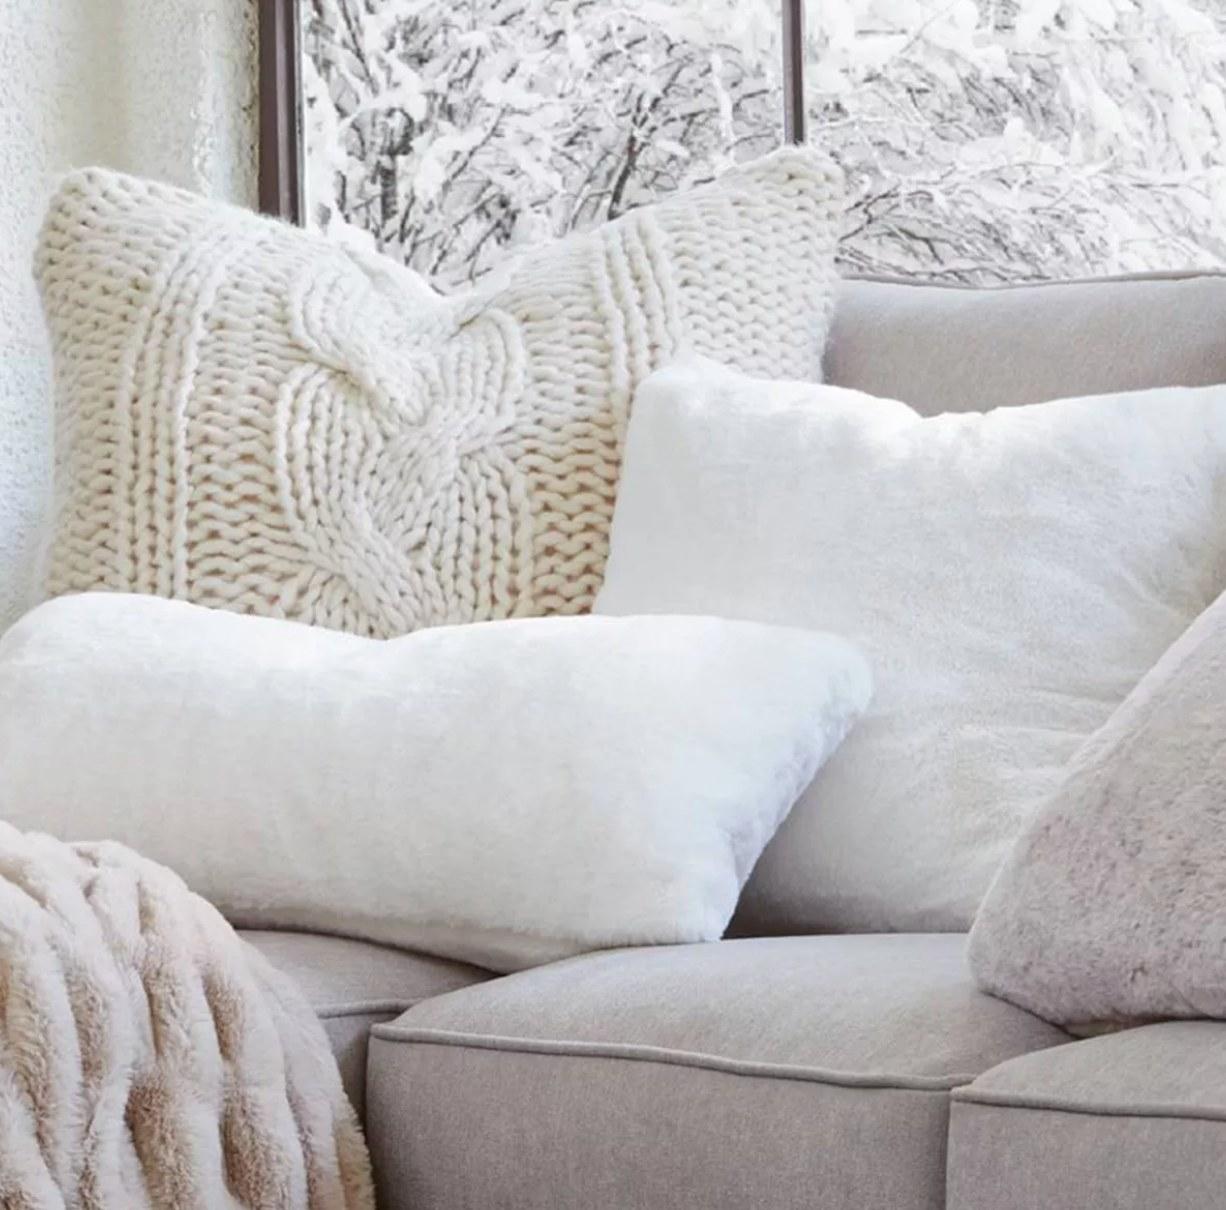 The faux rabbit pillow